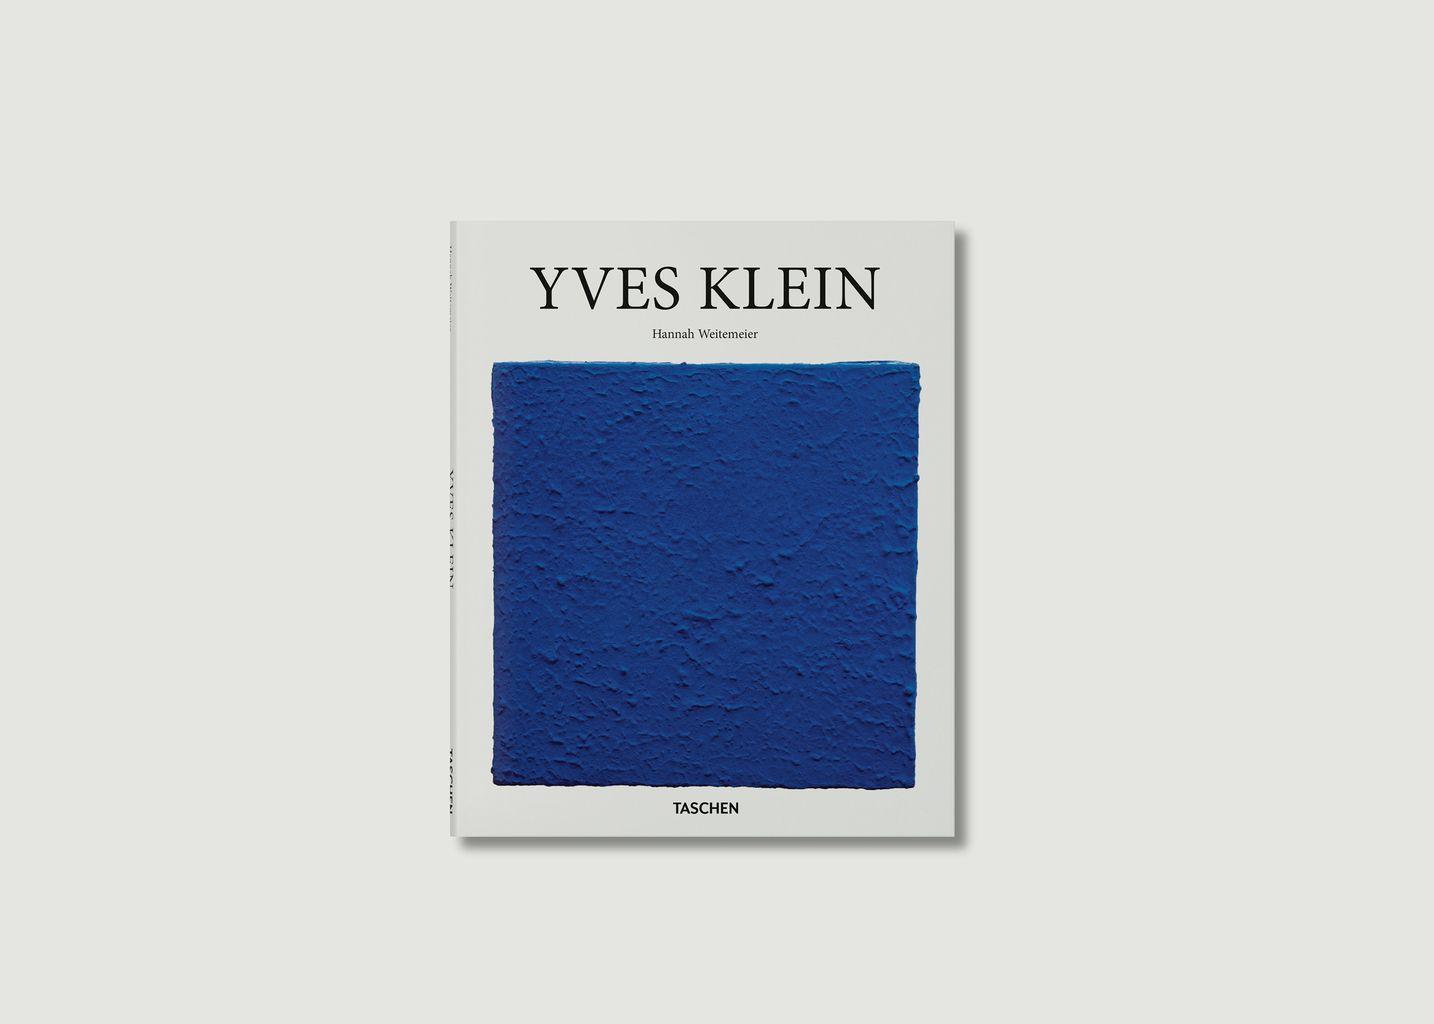 Yves Klein - Taschen